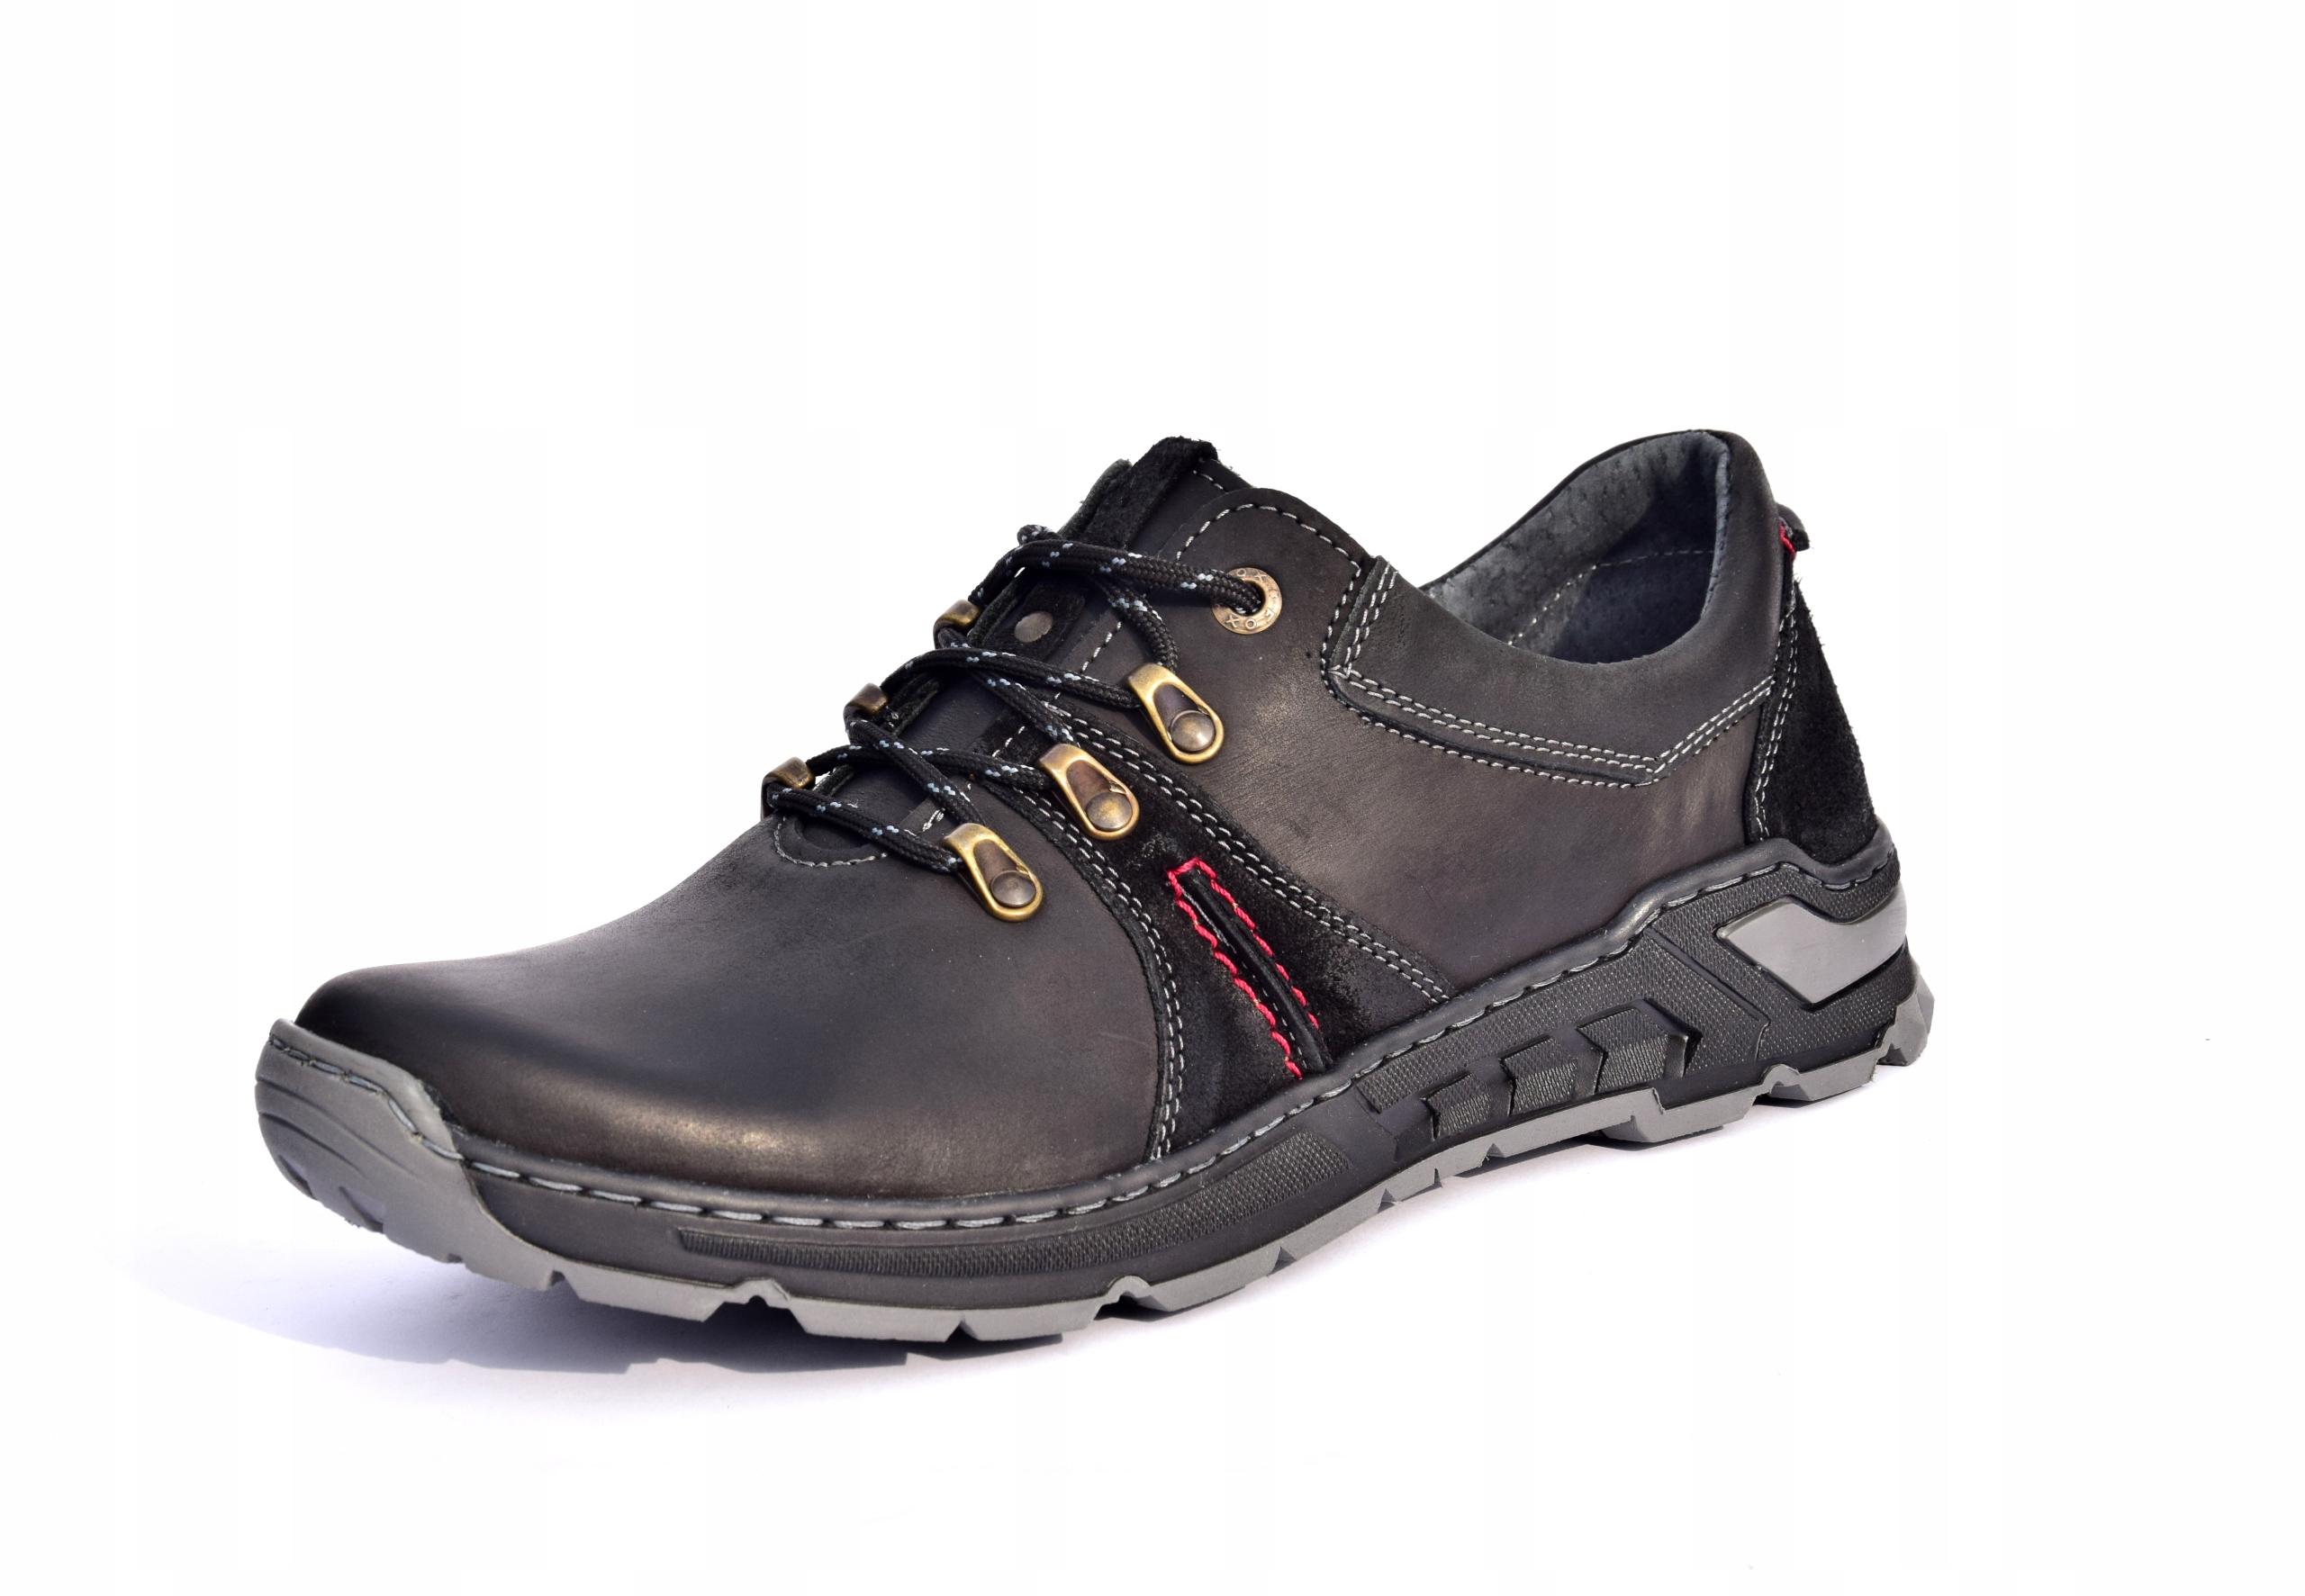 Półbuty trekkingowe obuwie skórzane polskie 0242 Rozmiar 45